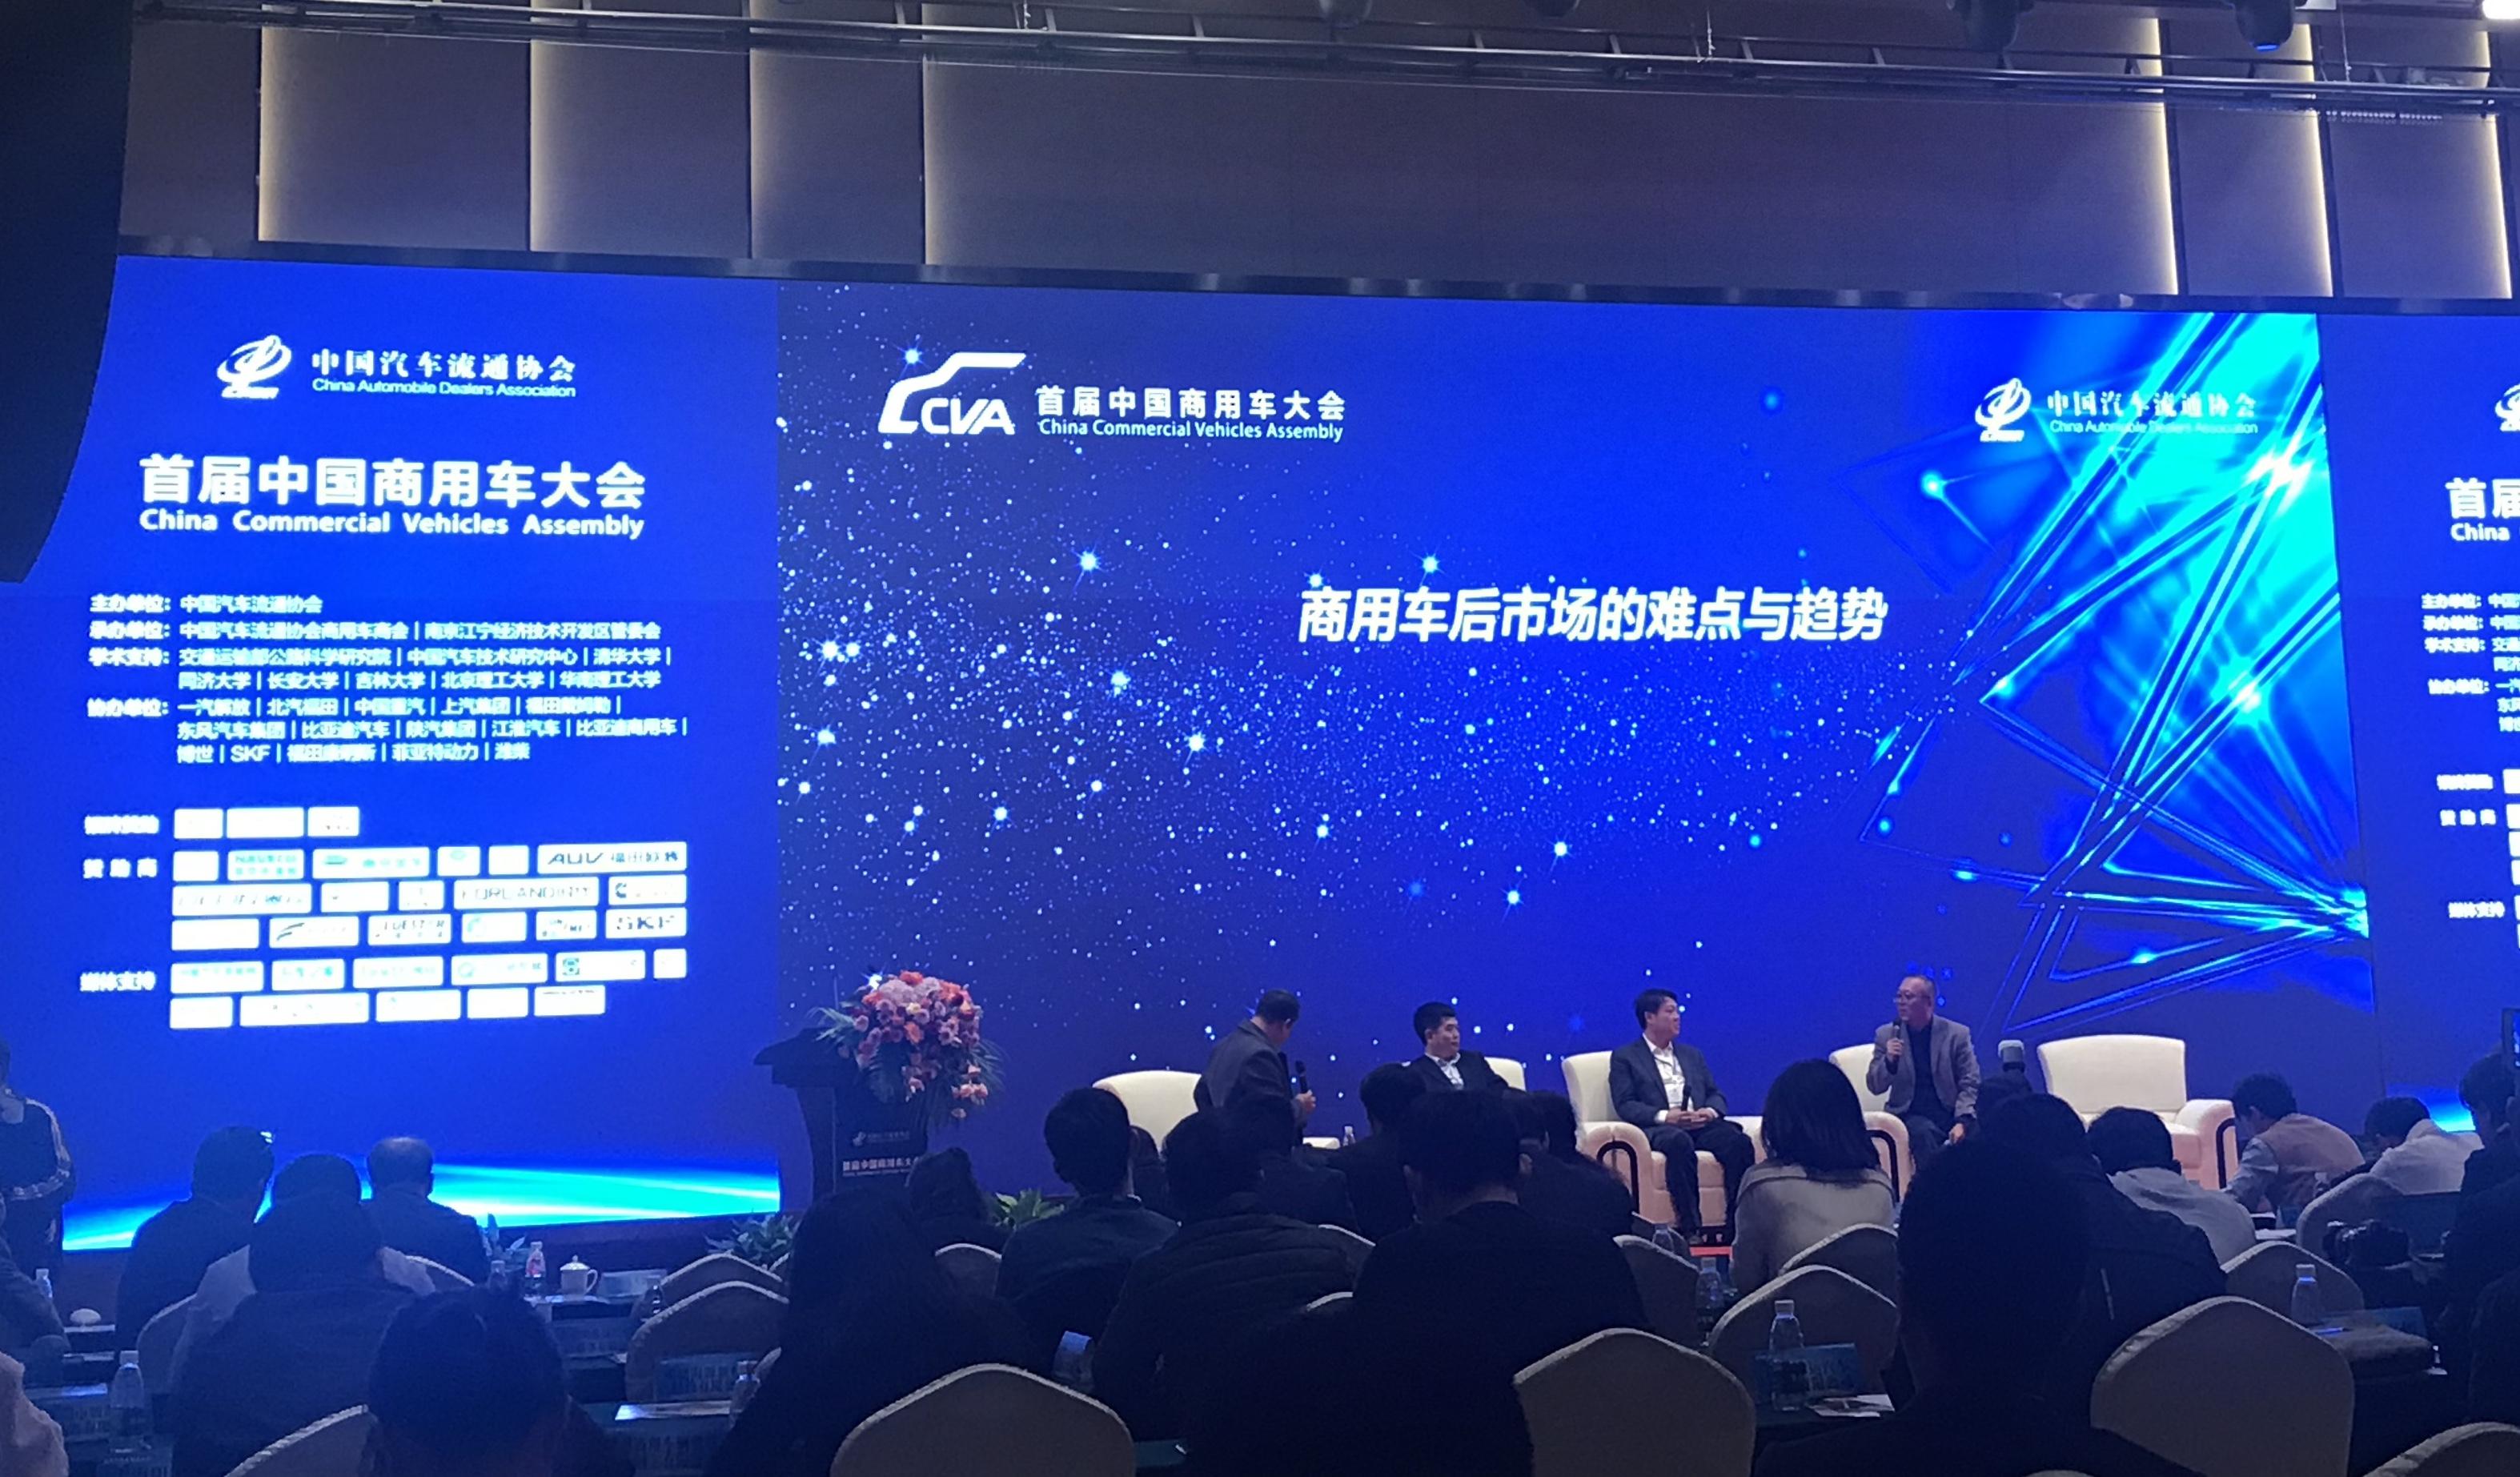 国内首份中国商用车经销商50强排行榜正式发布